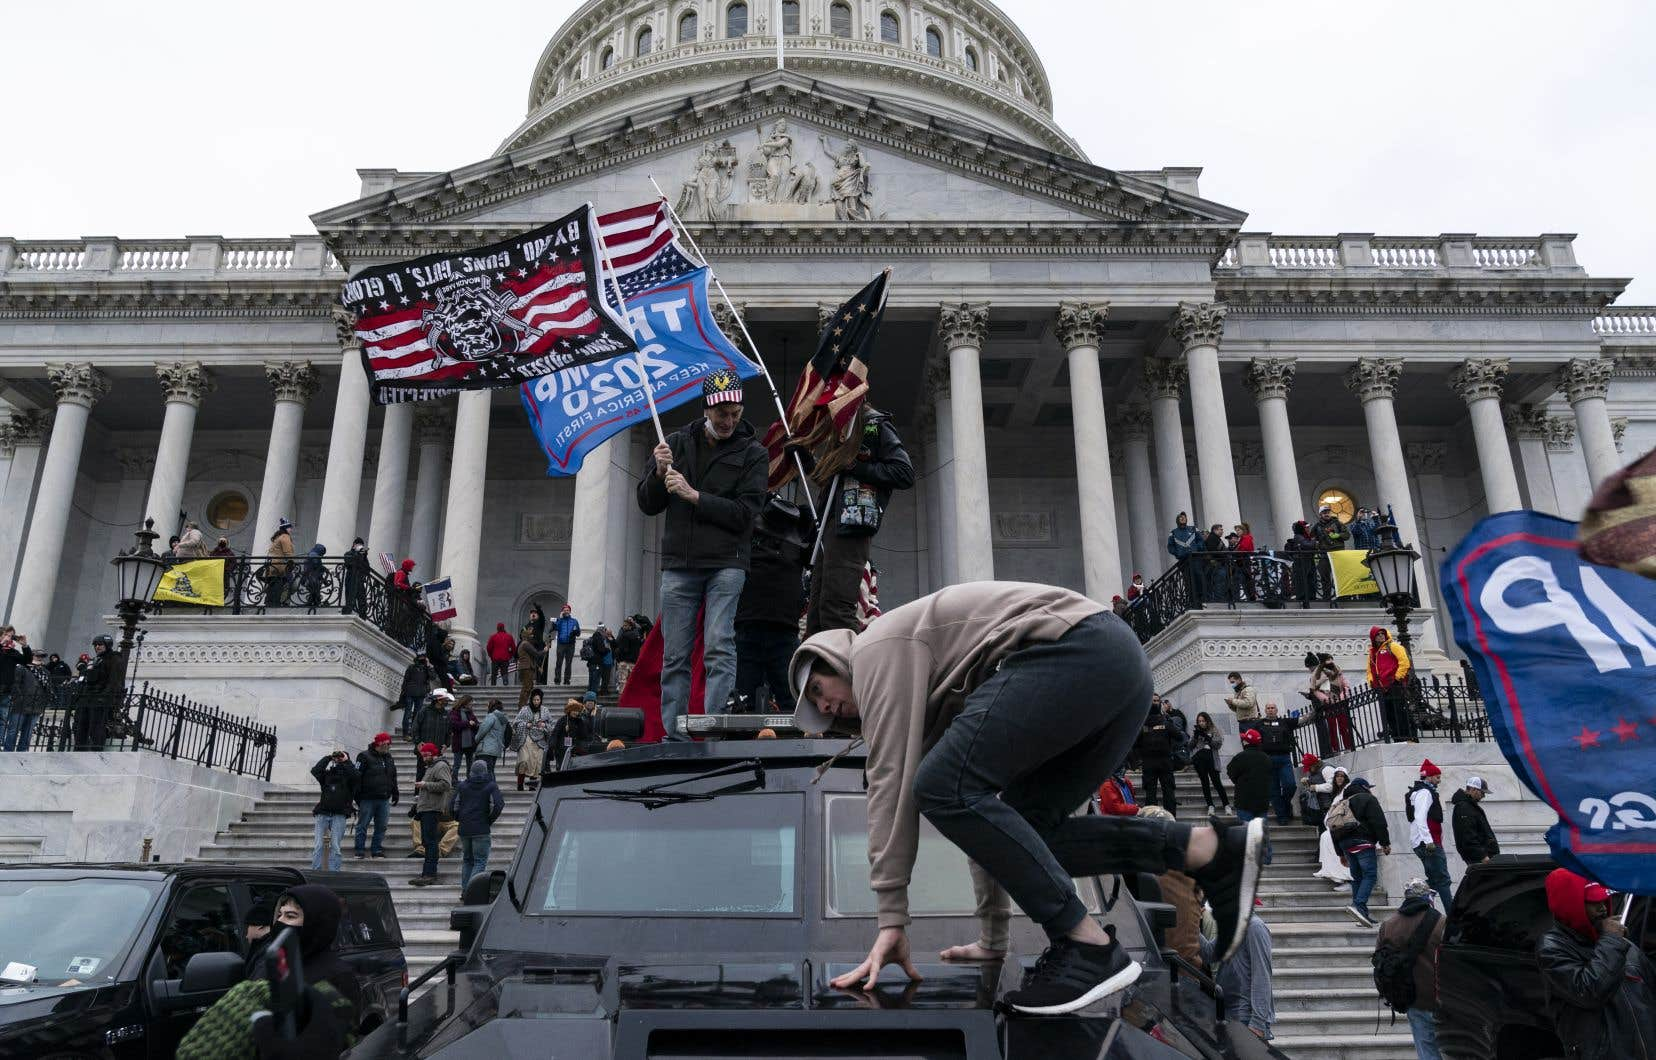 L'empathie était tout sauf unanime après le chaos au Capitole. Il a pour certains pays été l'occasion de prendre une revanche sur les États-Unis, avec un ton parfois condescendant, ou parfois franchement narquois.